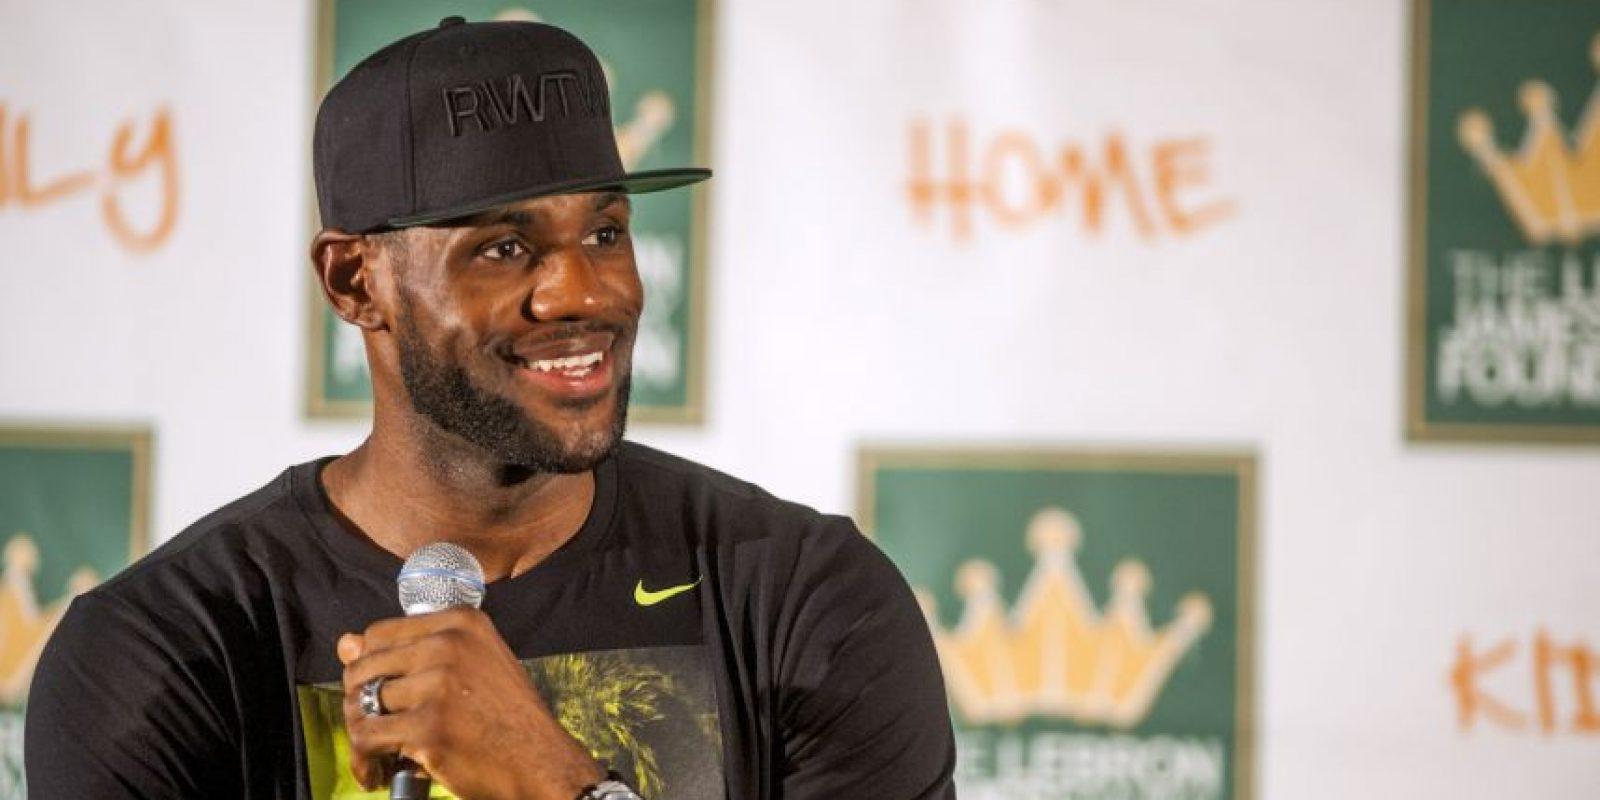 """""""The King"""" sorprendió con su autoconfianza al asegurar que Cavaliers podía remontar la serie final de la NBA ante los Warriors """"porque él es el mejor jugador del mundo"""". Foto:Getty Images"""